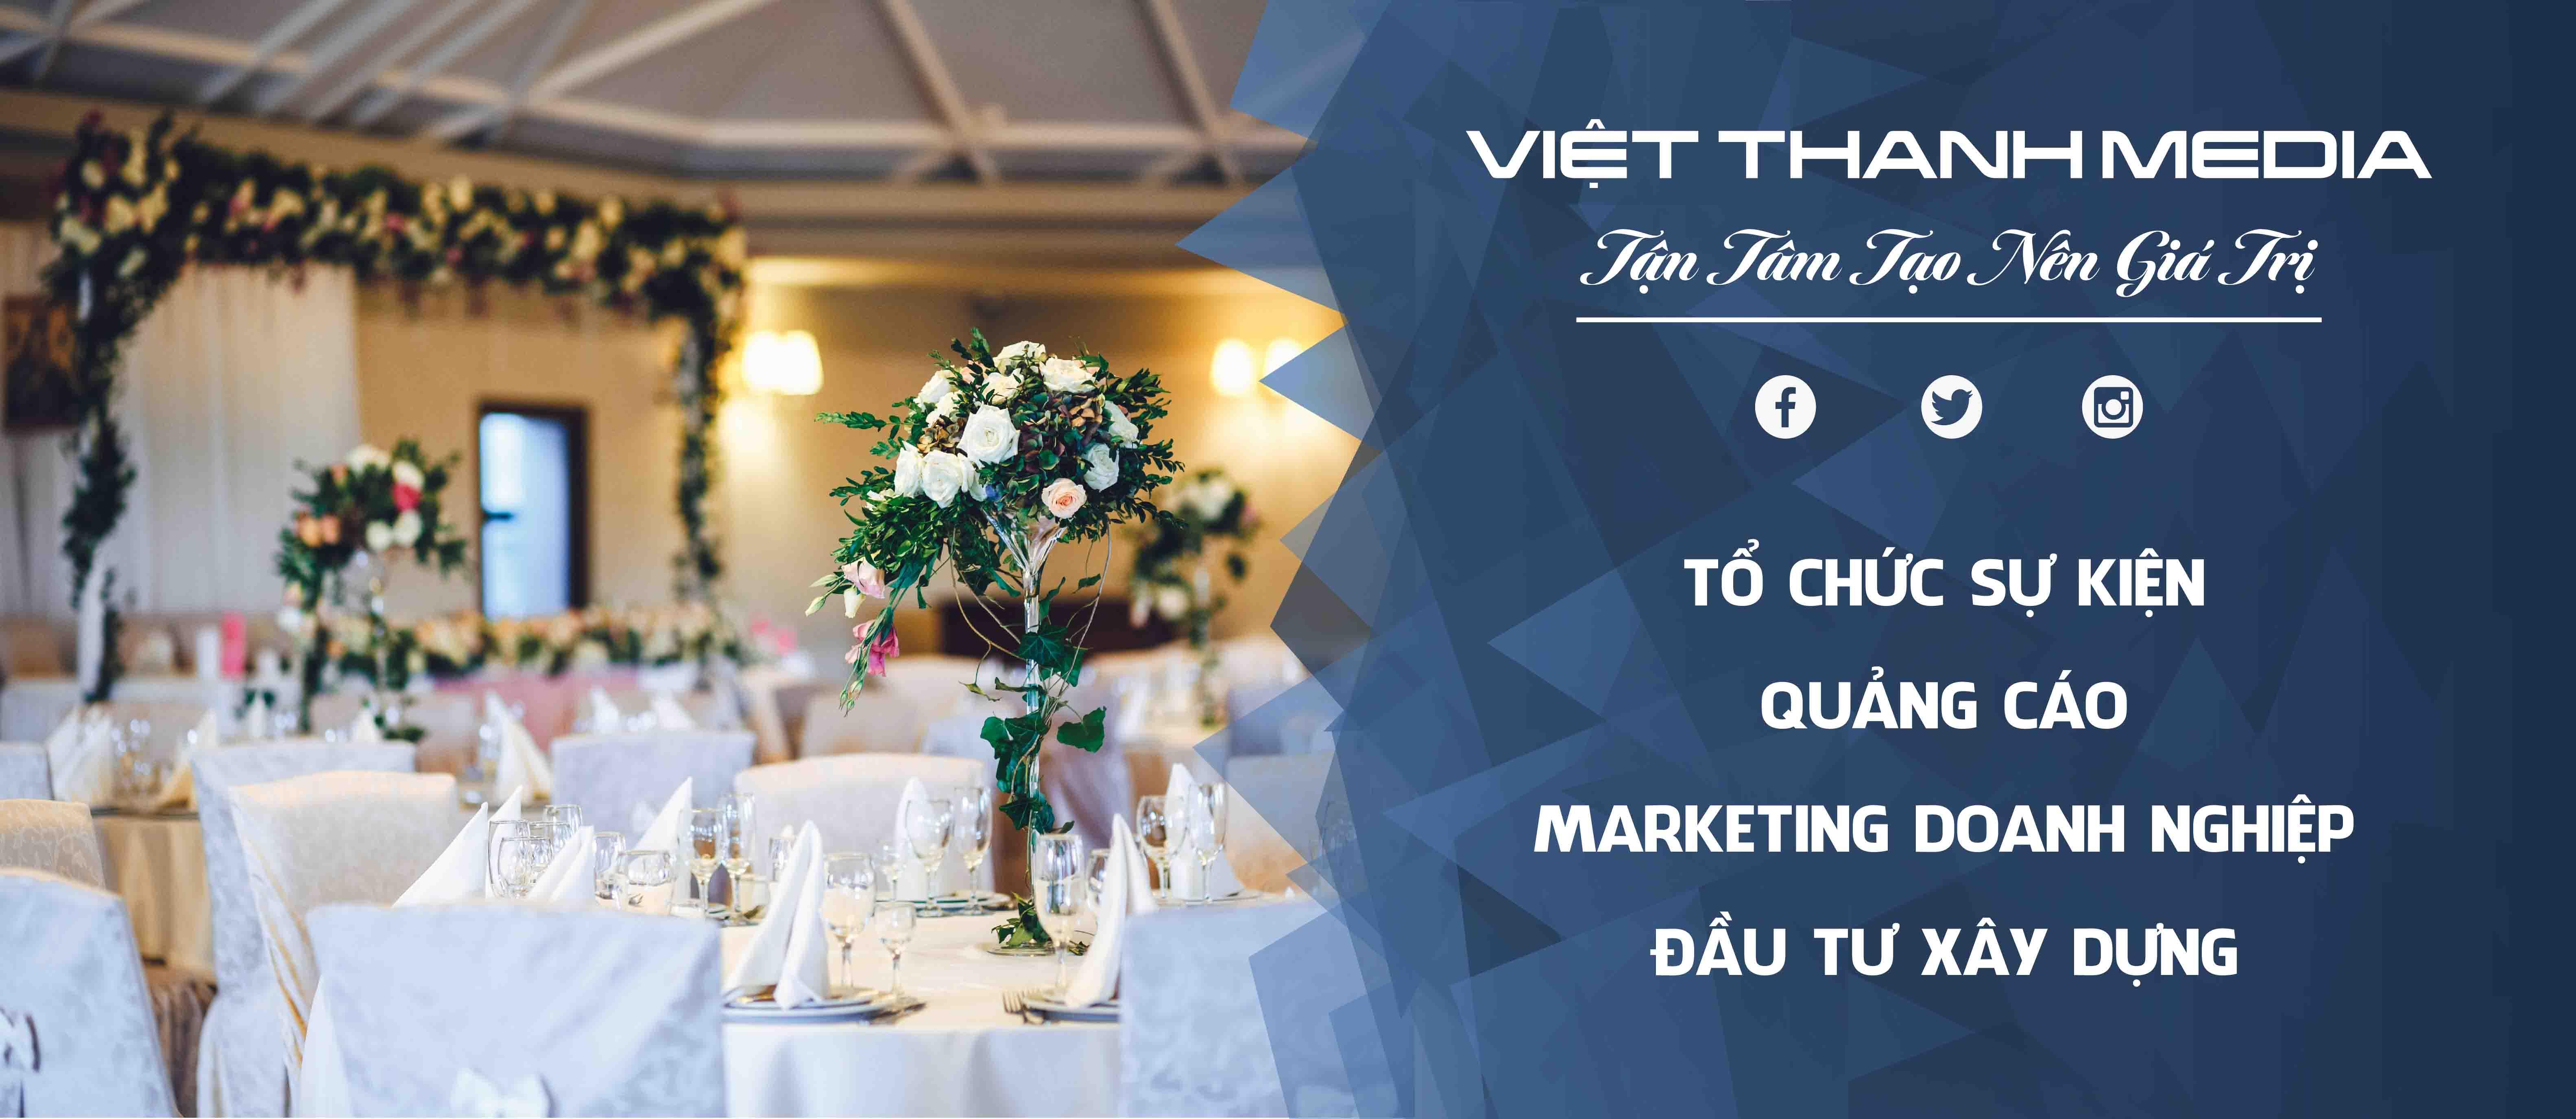 Việt Thanh Media Thanh Hóa